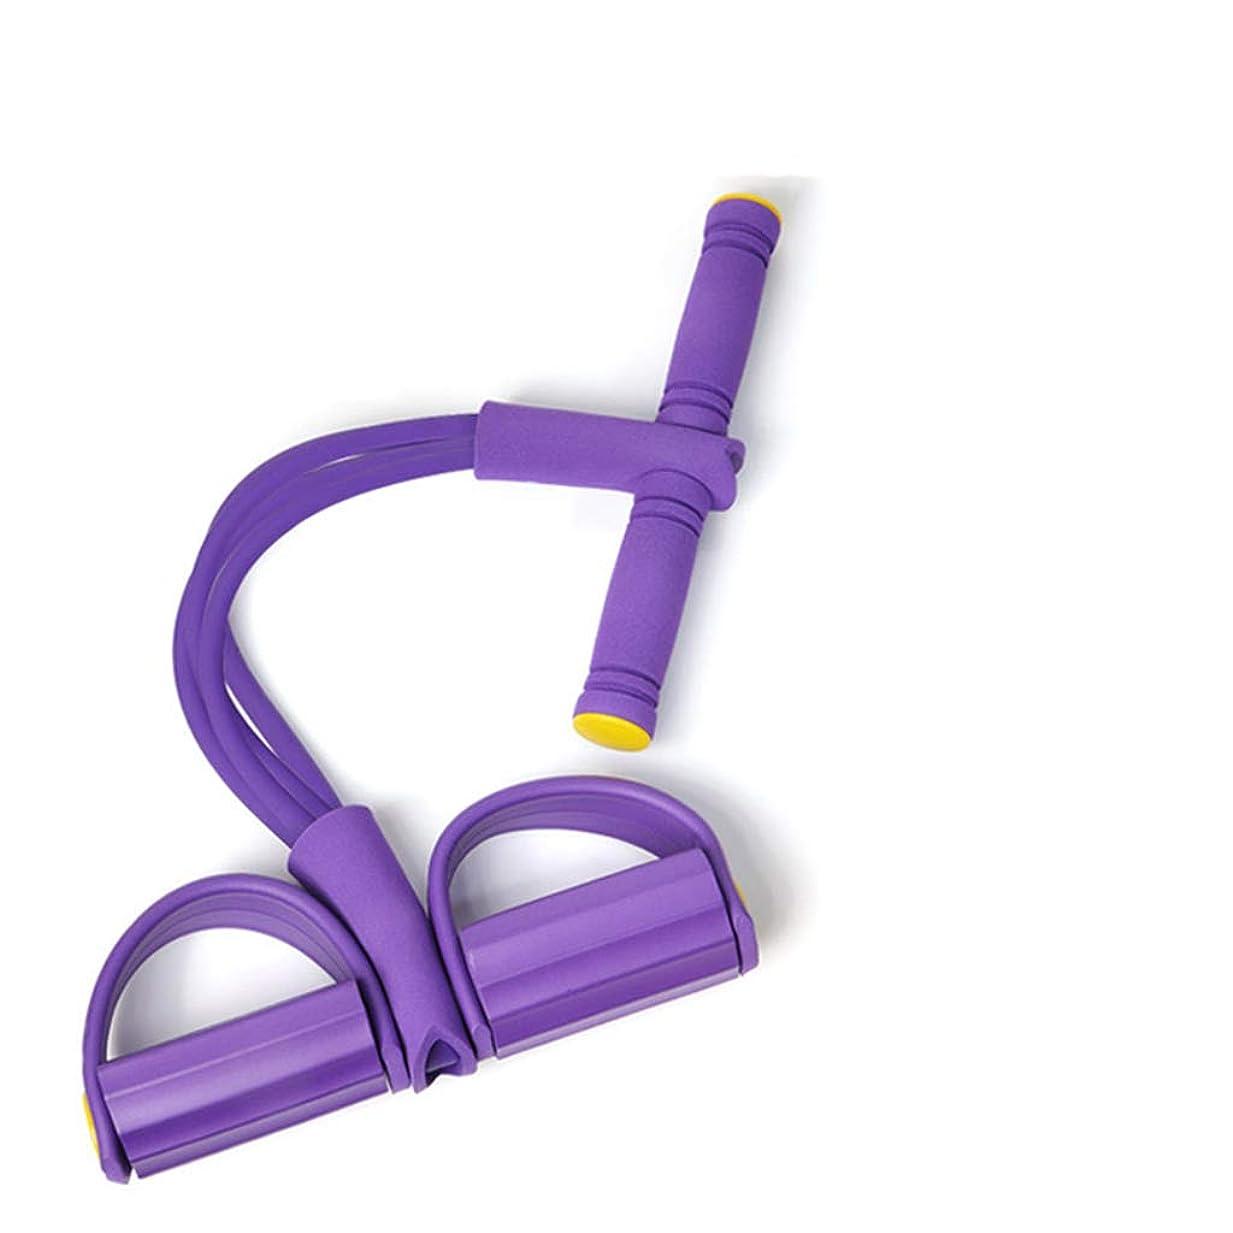 アベニュー真剣にラジウム抵抗バンド装置シットアッププラー、減量ウエスト腹部ヨガトレーニング整形練習腕/脚/肩/腹部オフィスエクササイズ,Purple